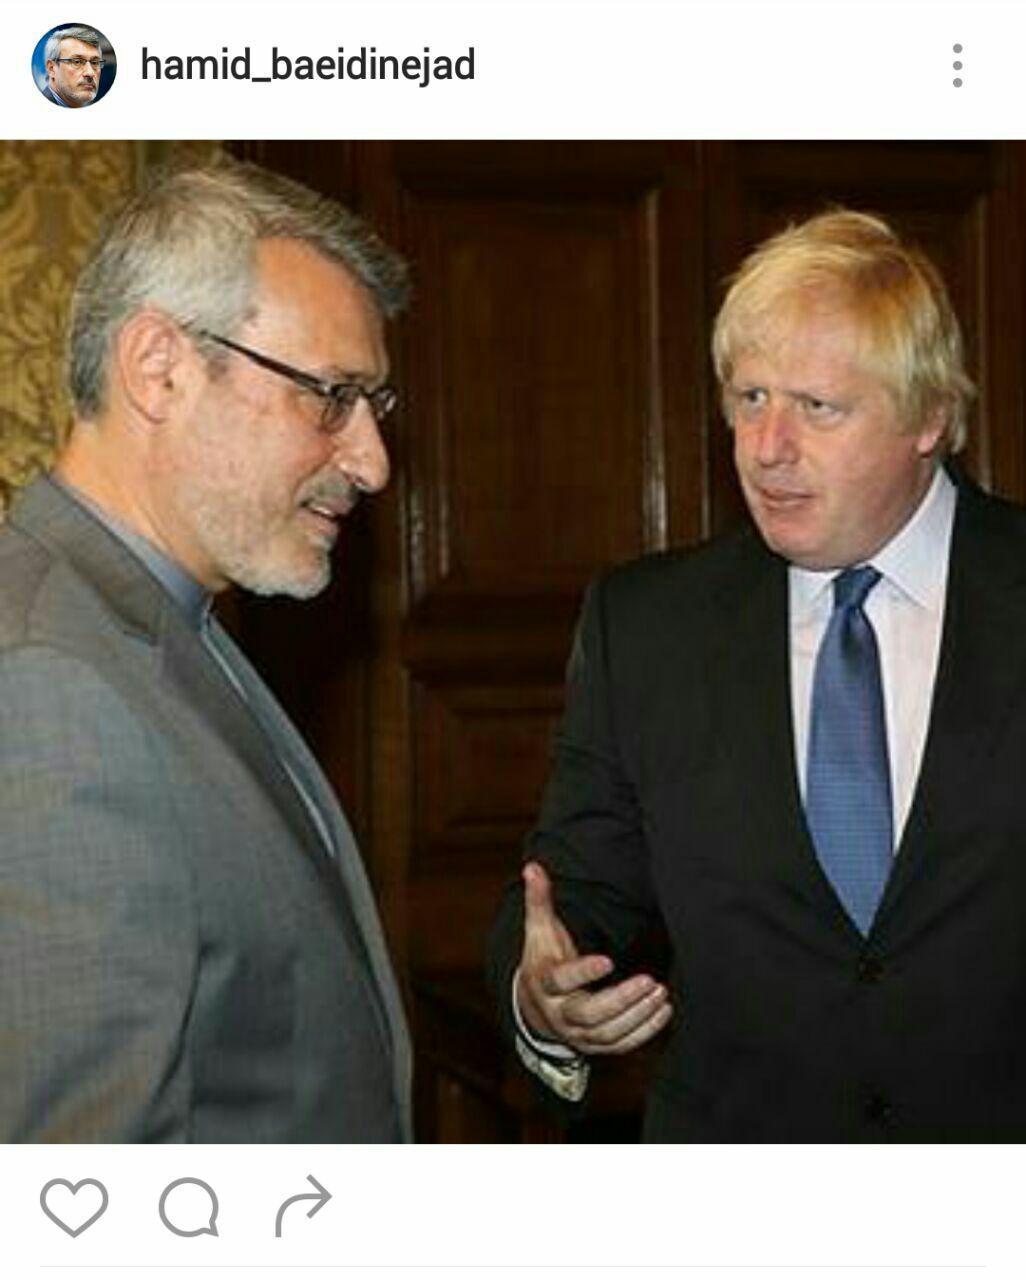 ارتقای سطح روابط ایران و بریتانیا به سطح سفیر بعد از 5 سال